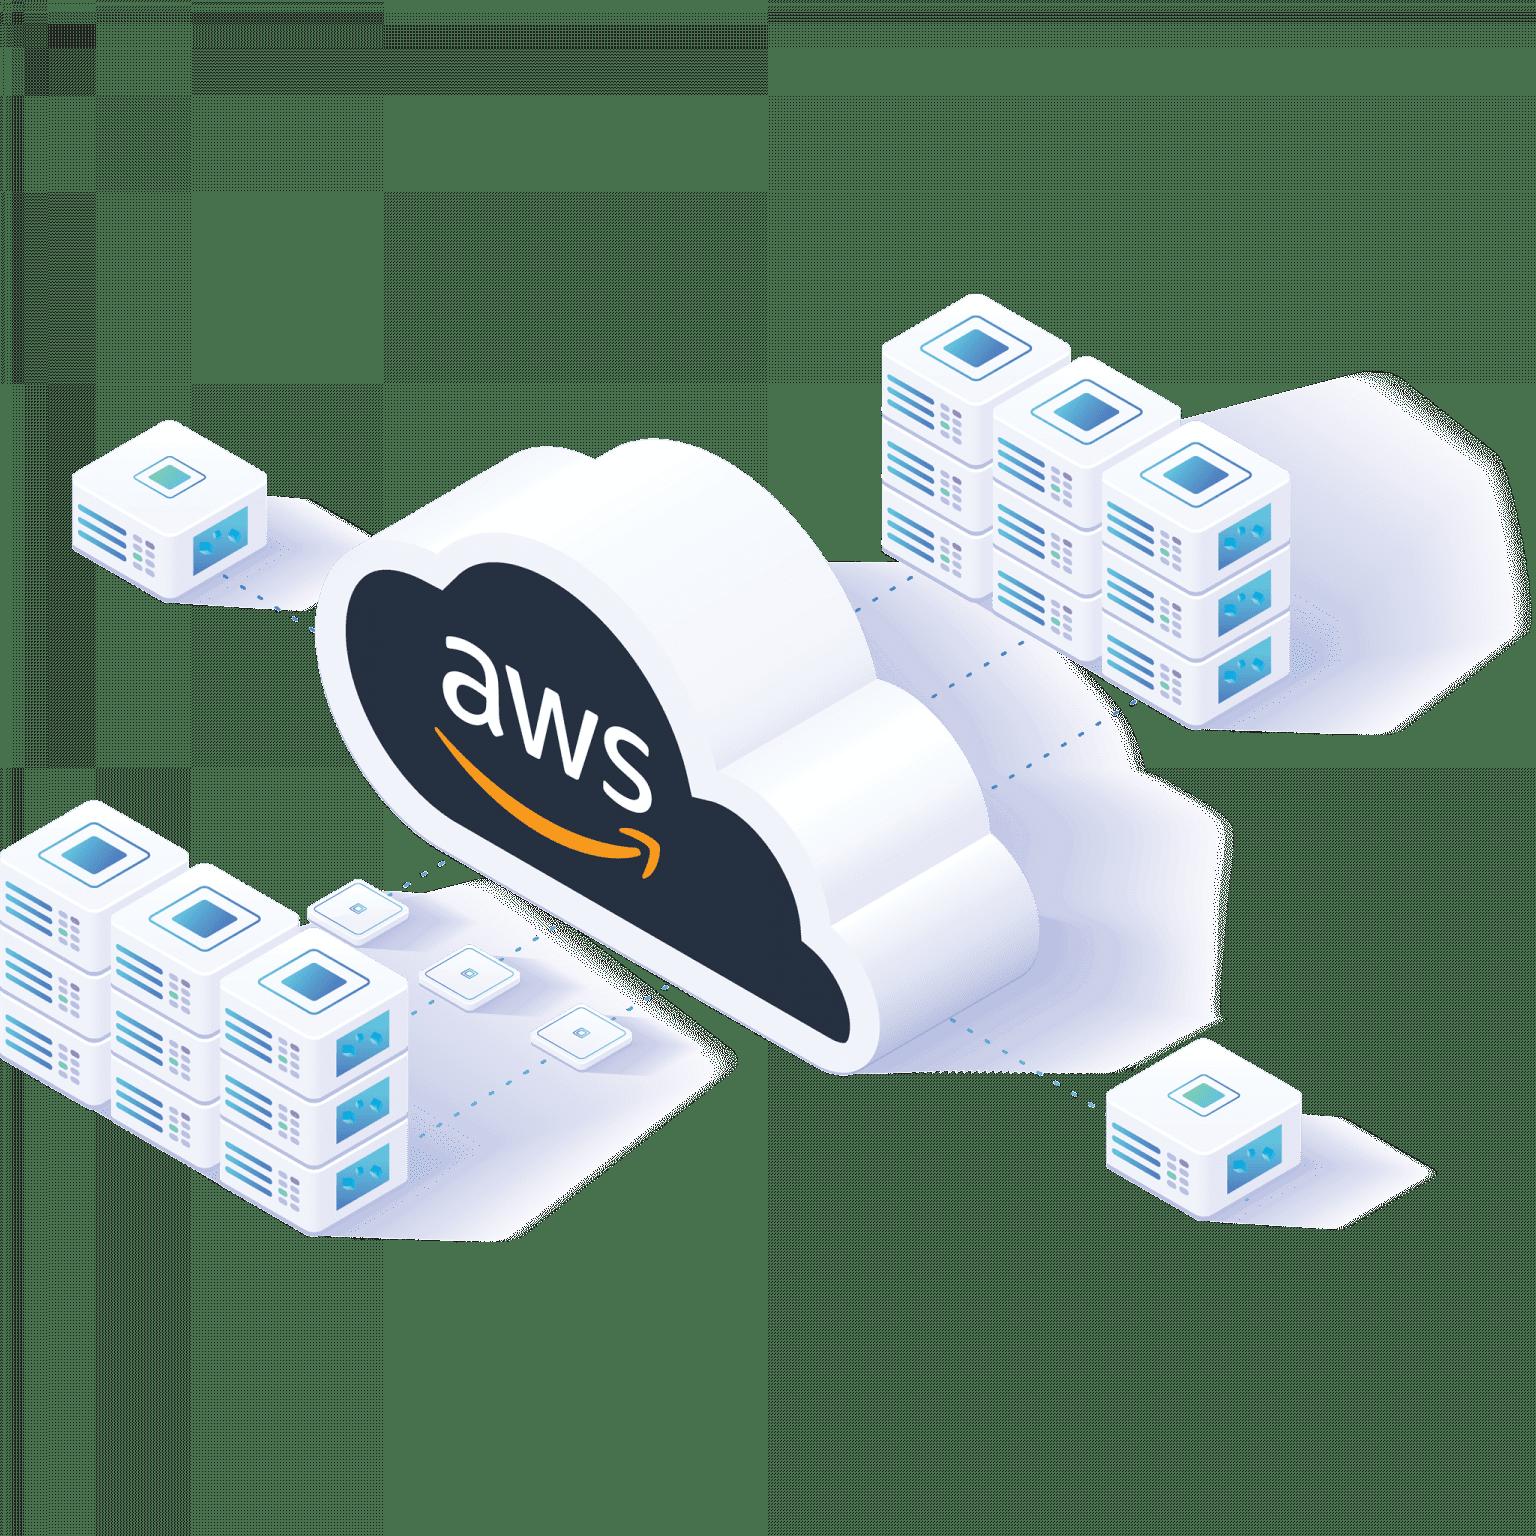 Louisville AWS Cloud Development